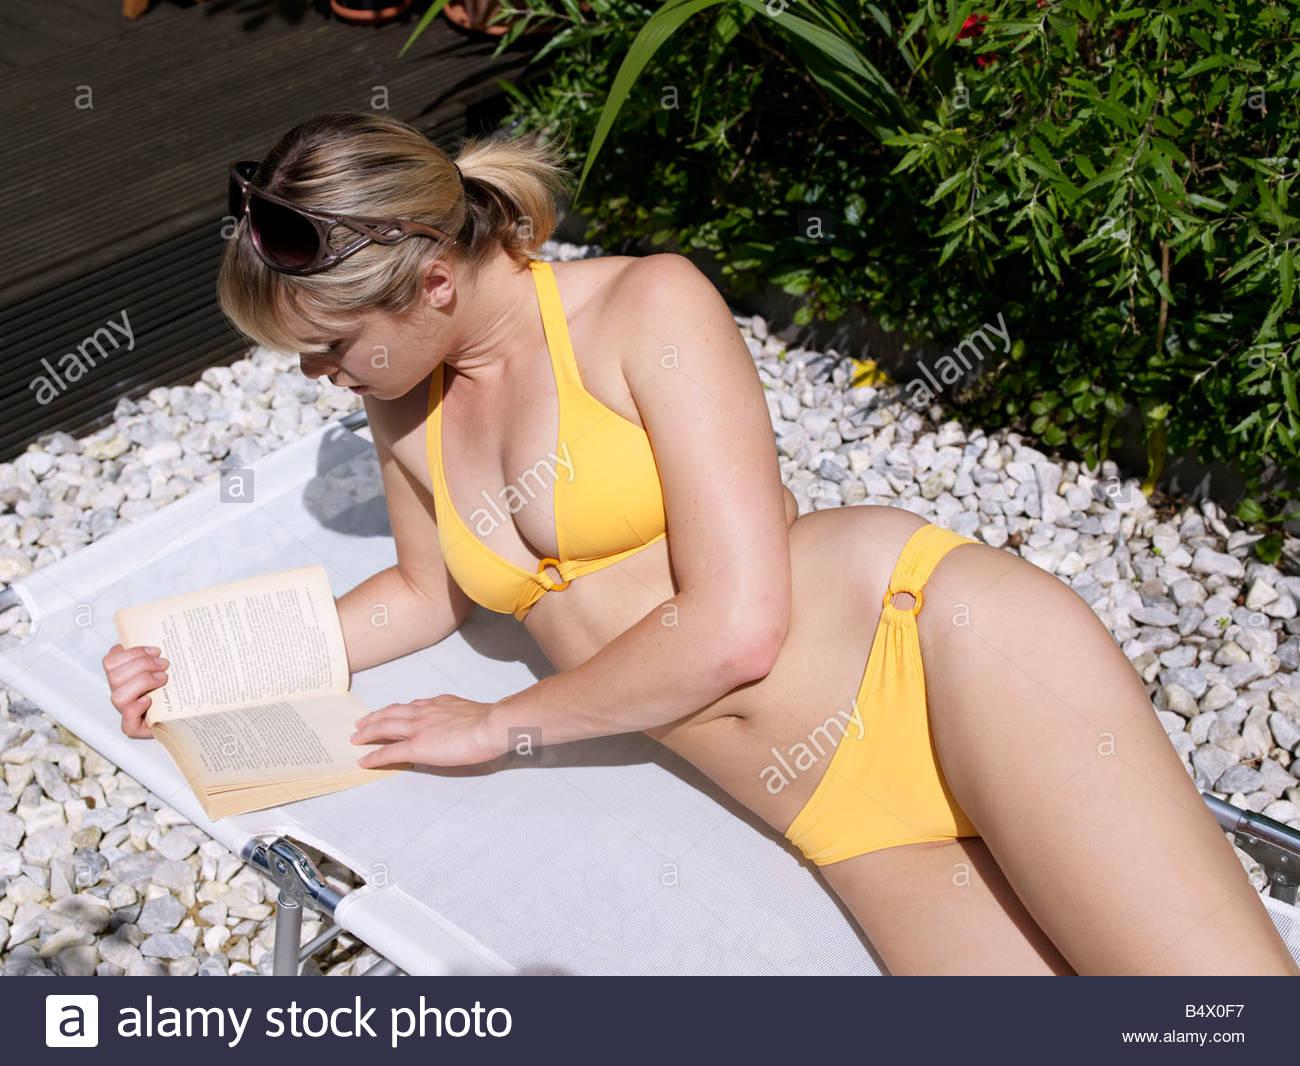 Young woman in bikini in garden reading - Stock Image